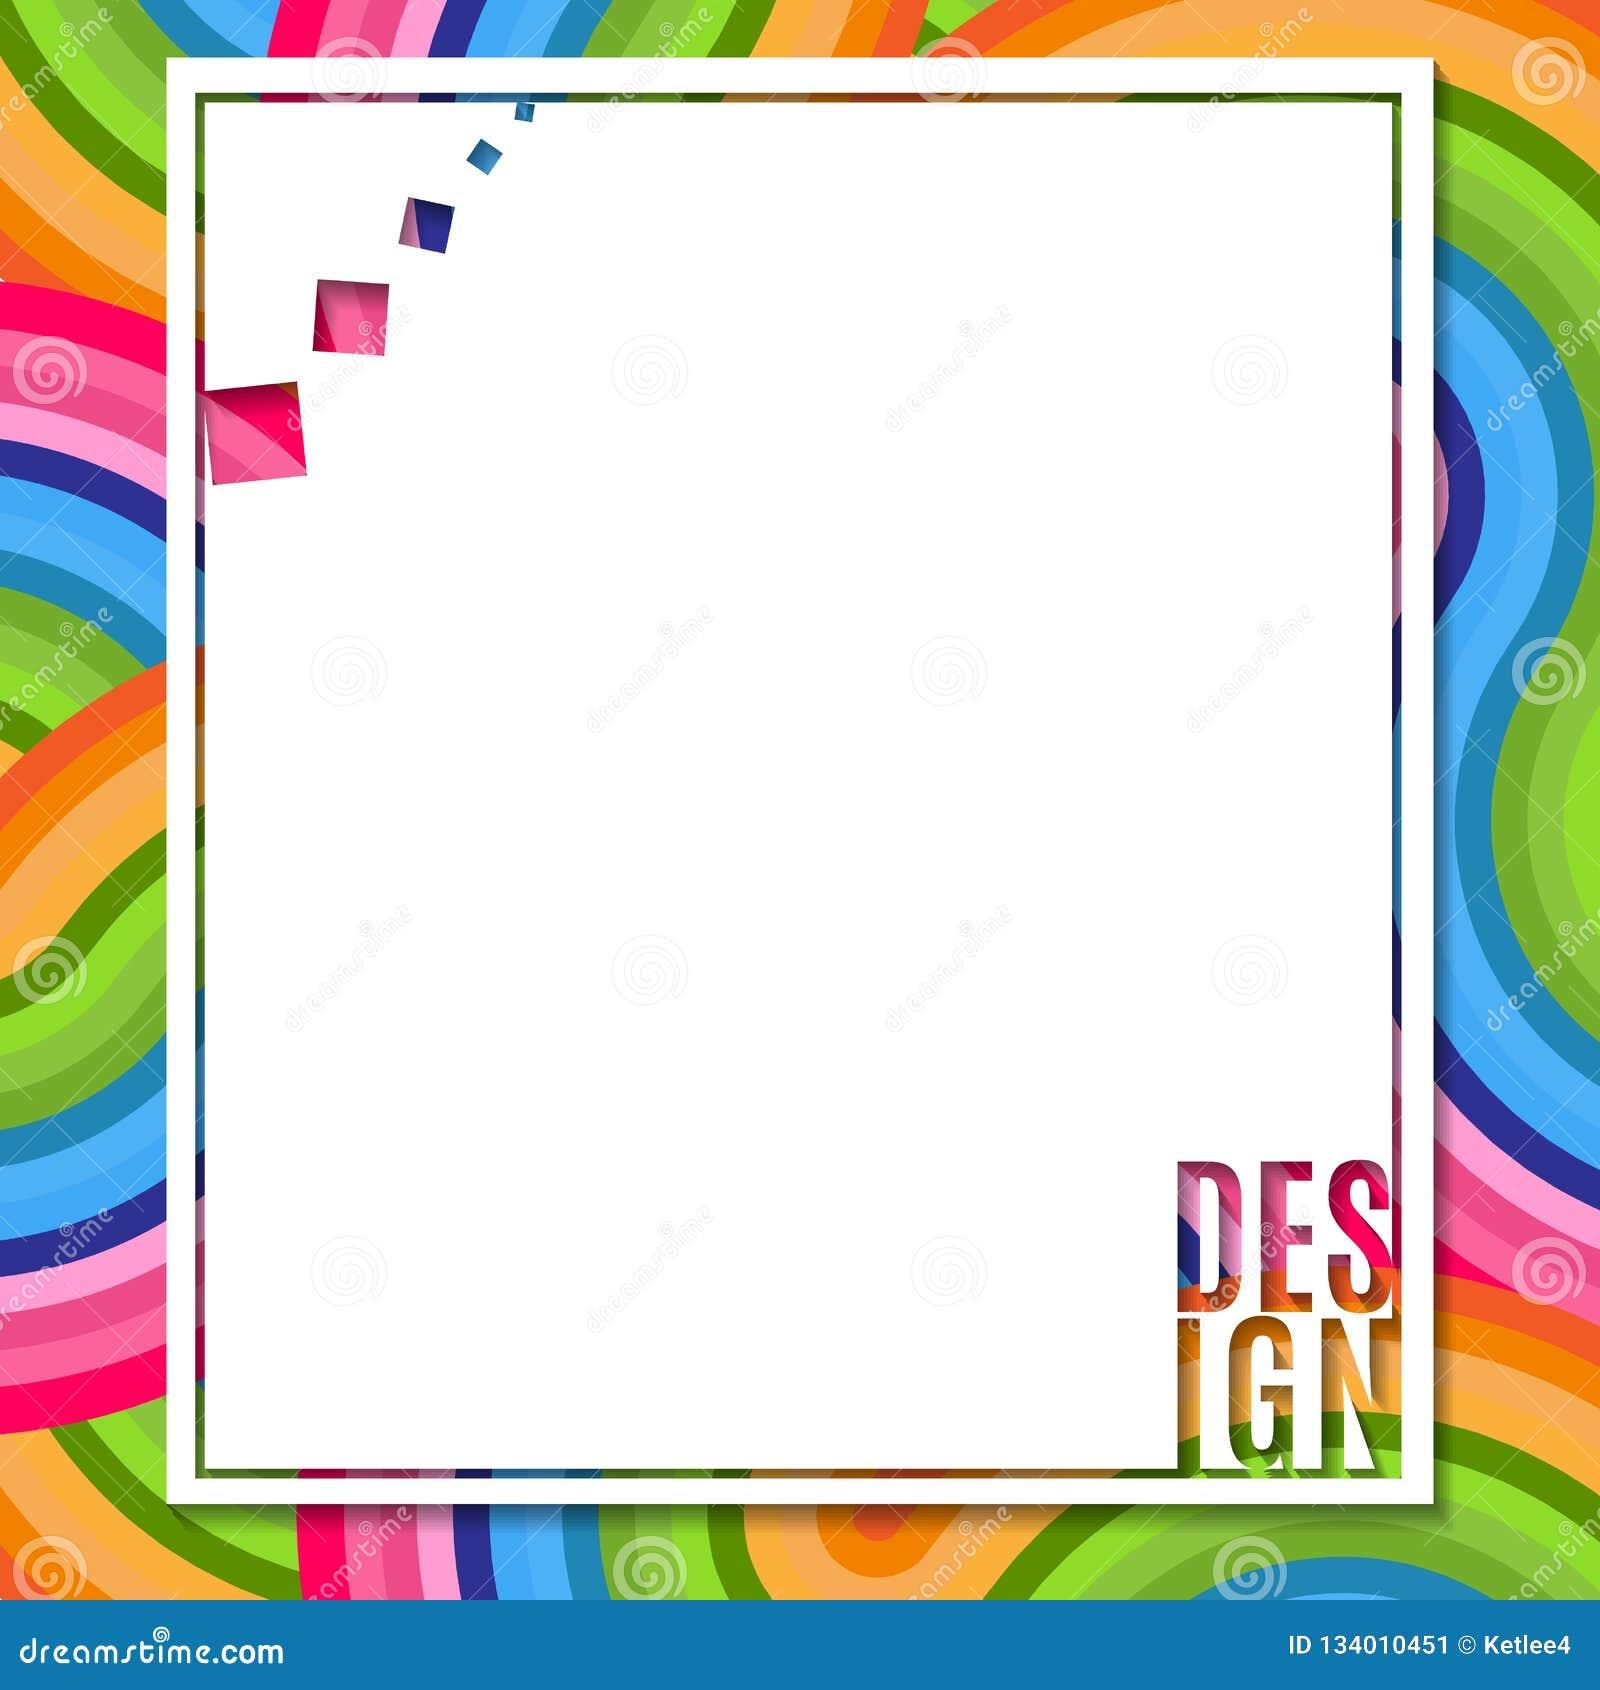 Αφηρημένο κενό ορθογώνιο έμβλημα με το στοιχείο σχεδίου κειμένων στο φωτεινό ζωηρόχρωμο υπόβαθρο του κυματιστού στοιχείου γραμμών